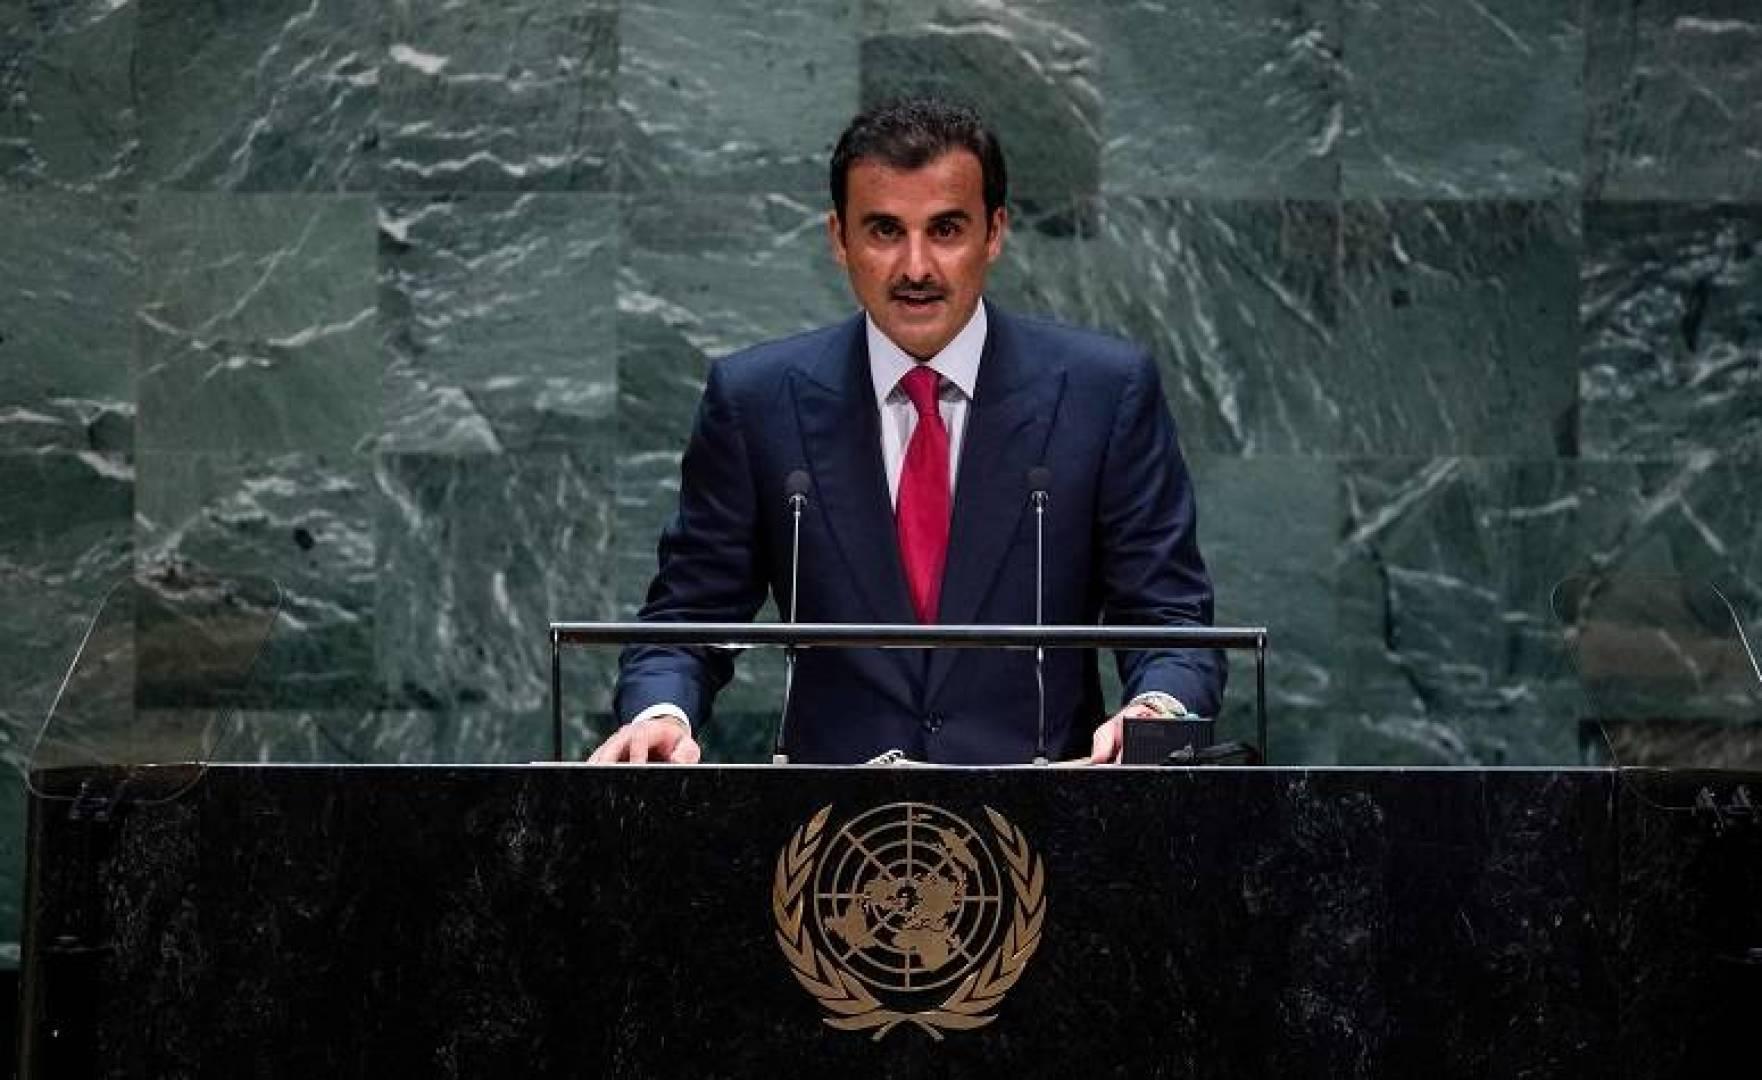 أمير قطر يلقي كلمة أمام الجمعية العامة للأمم المتحدة